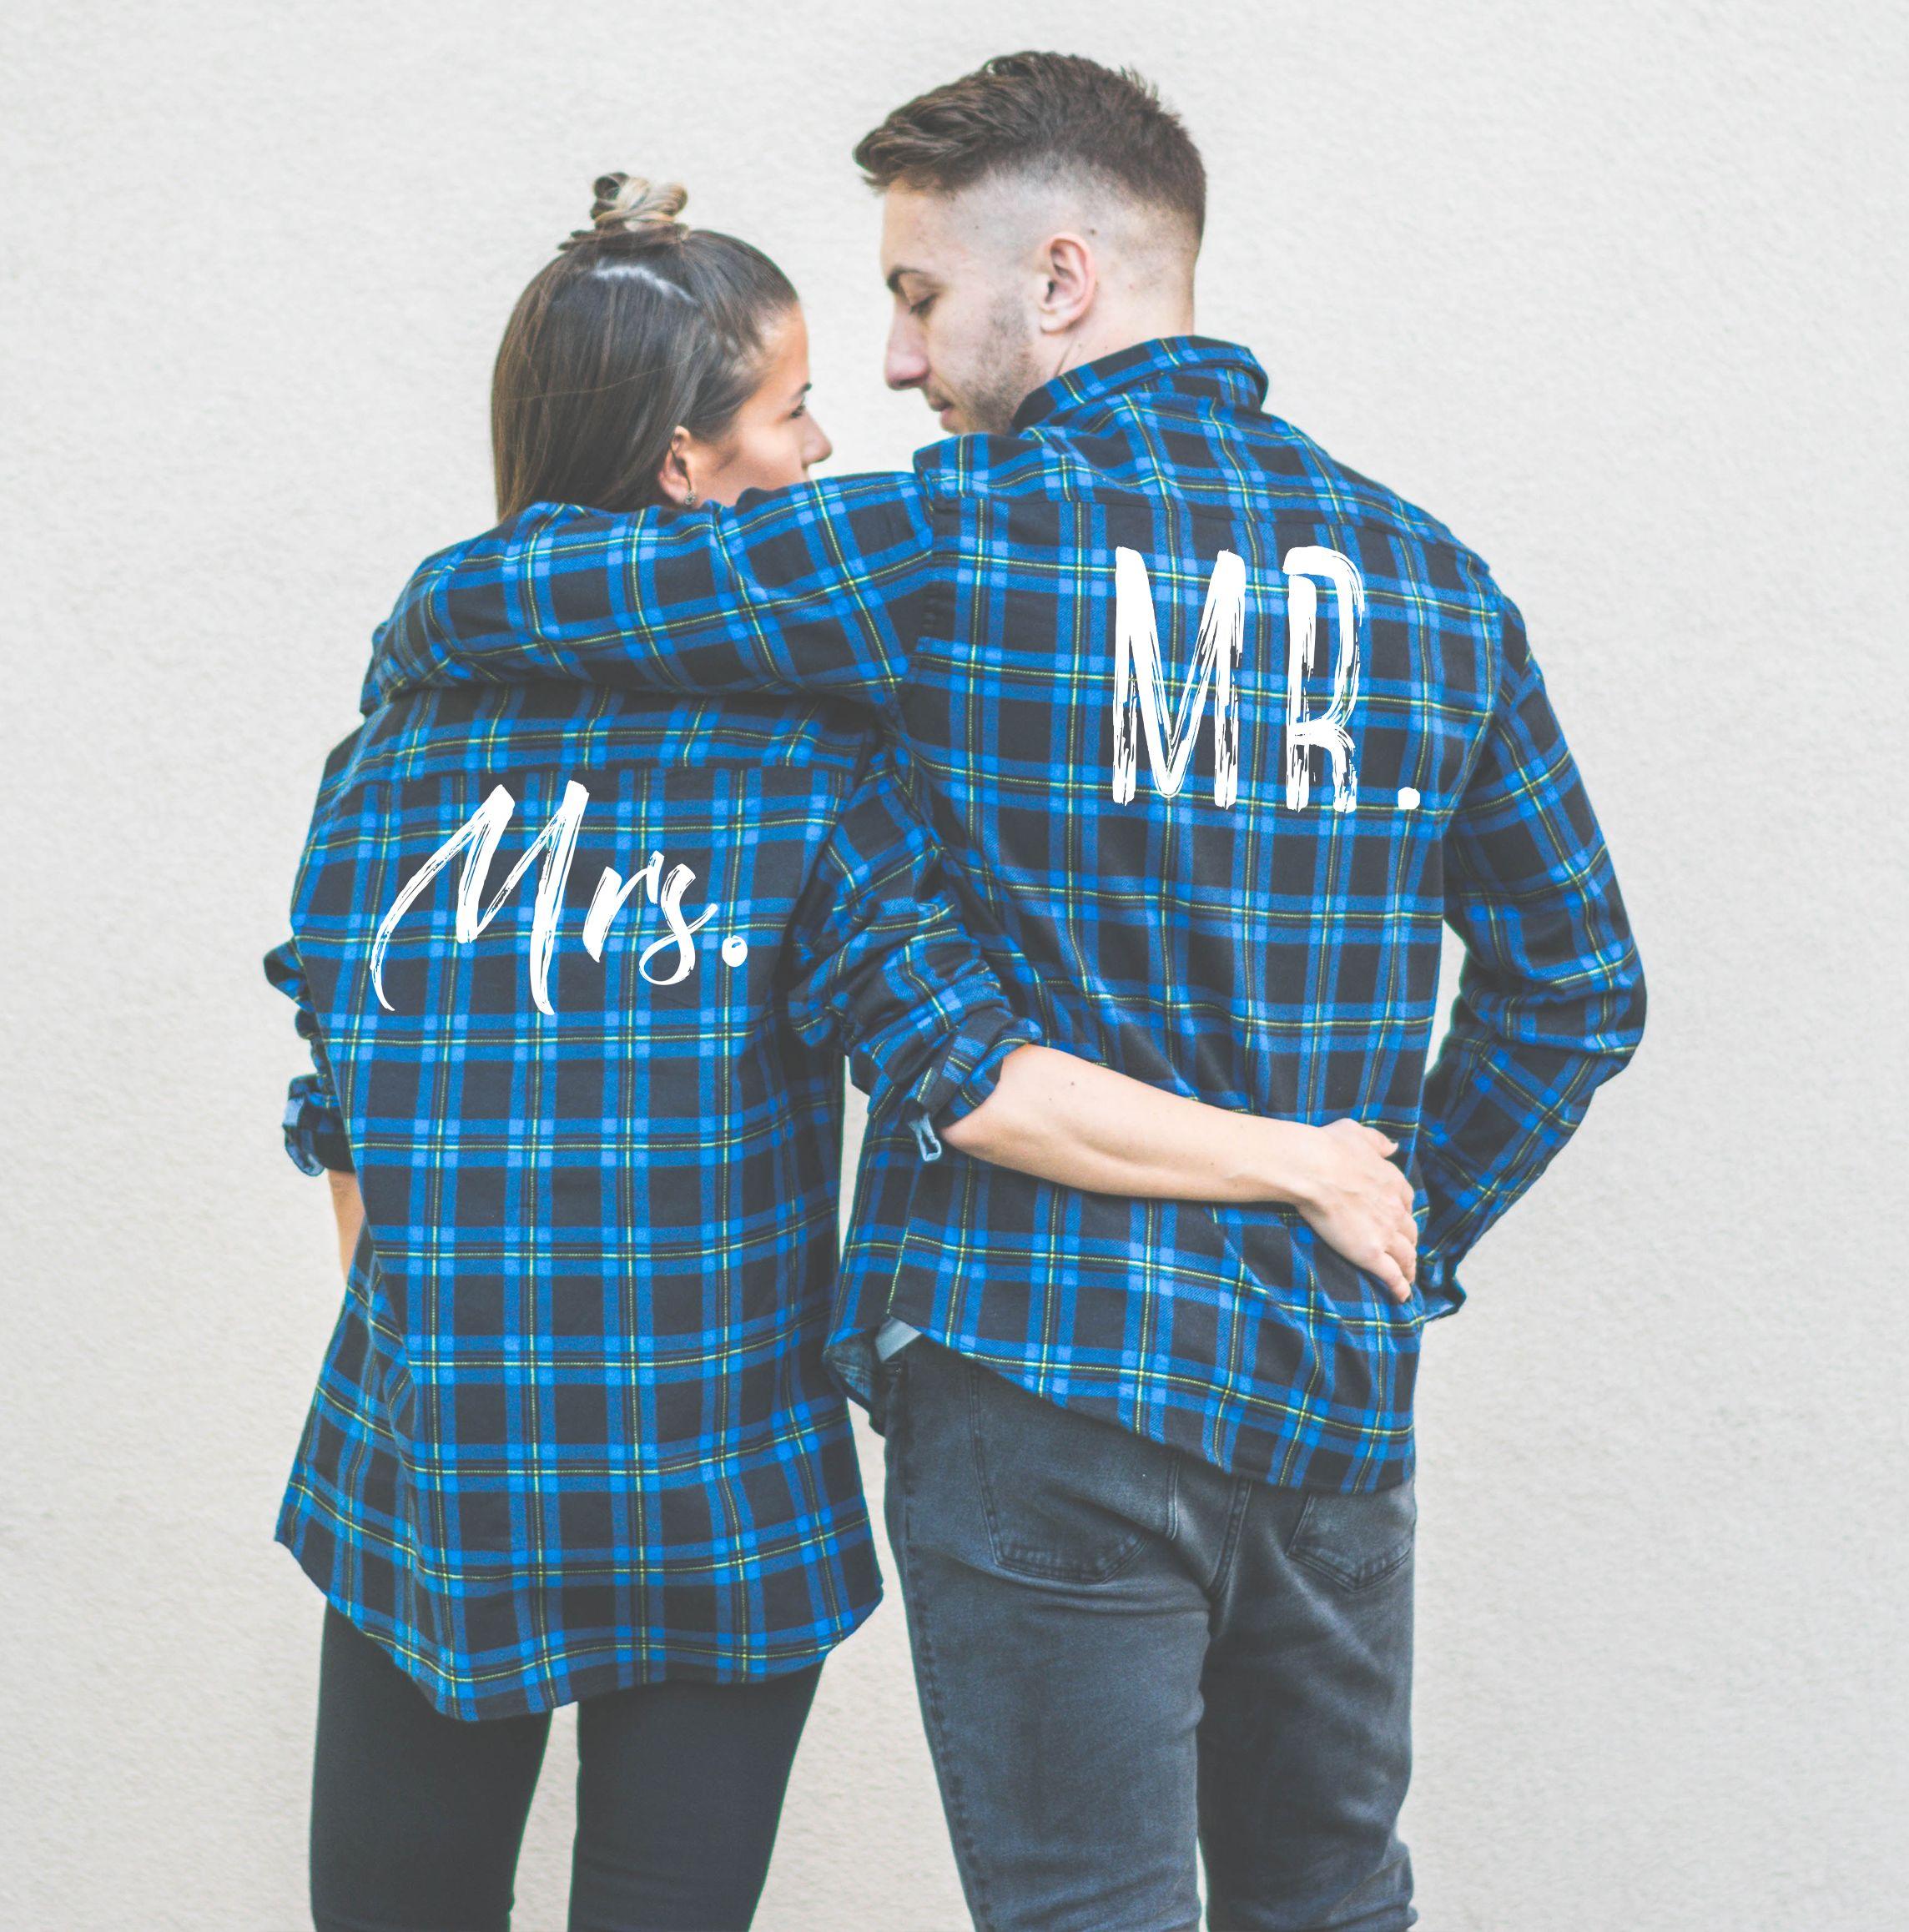 plaid shirts mr-mrs-plaid-shirts AHYNWEA